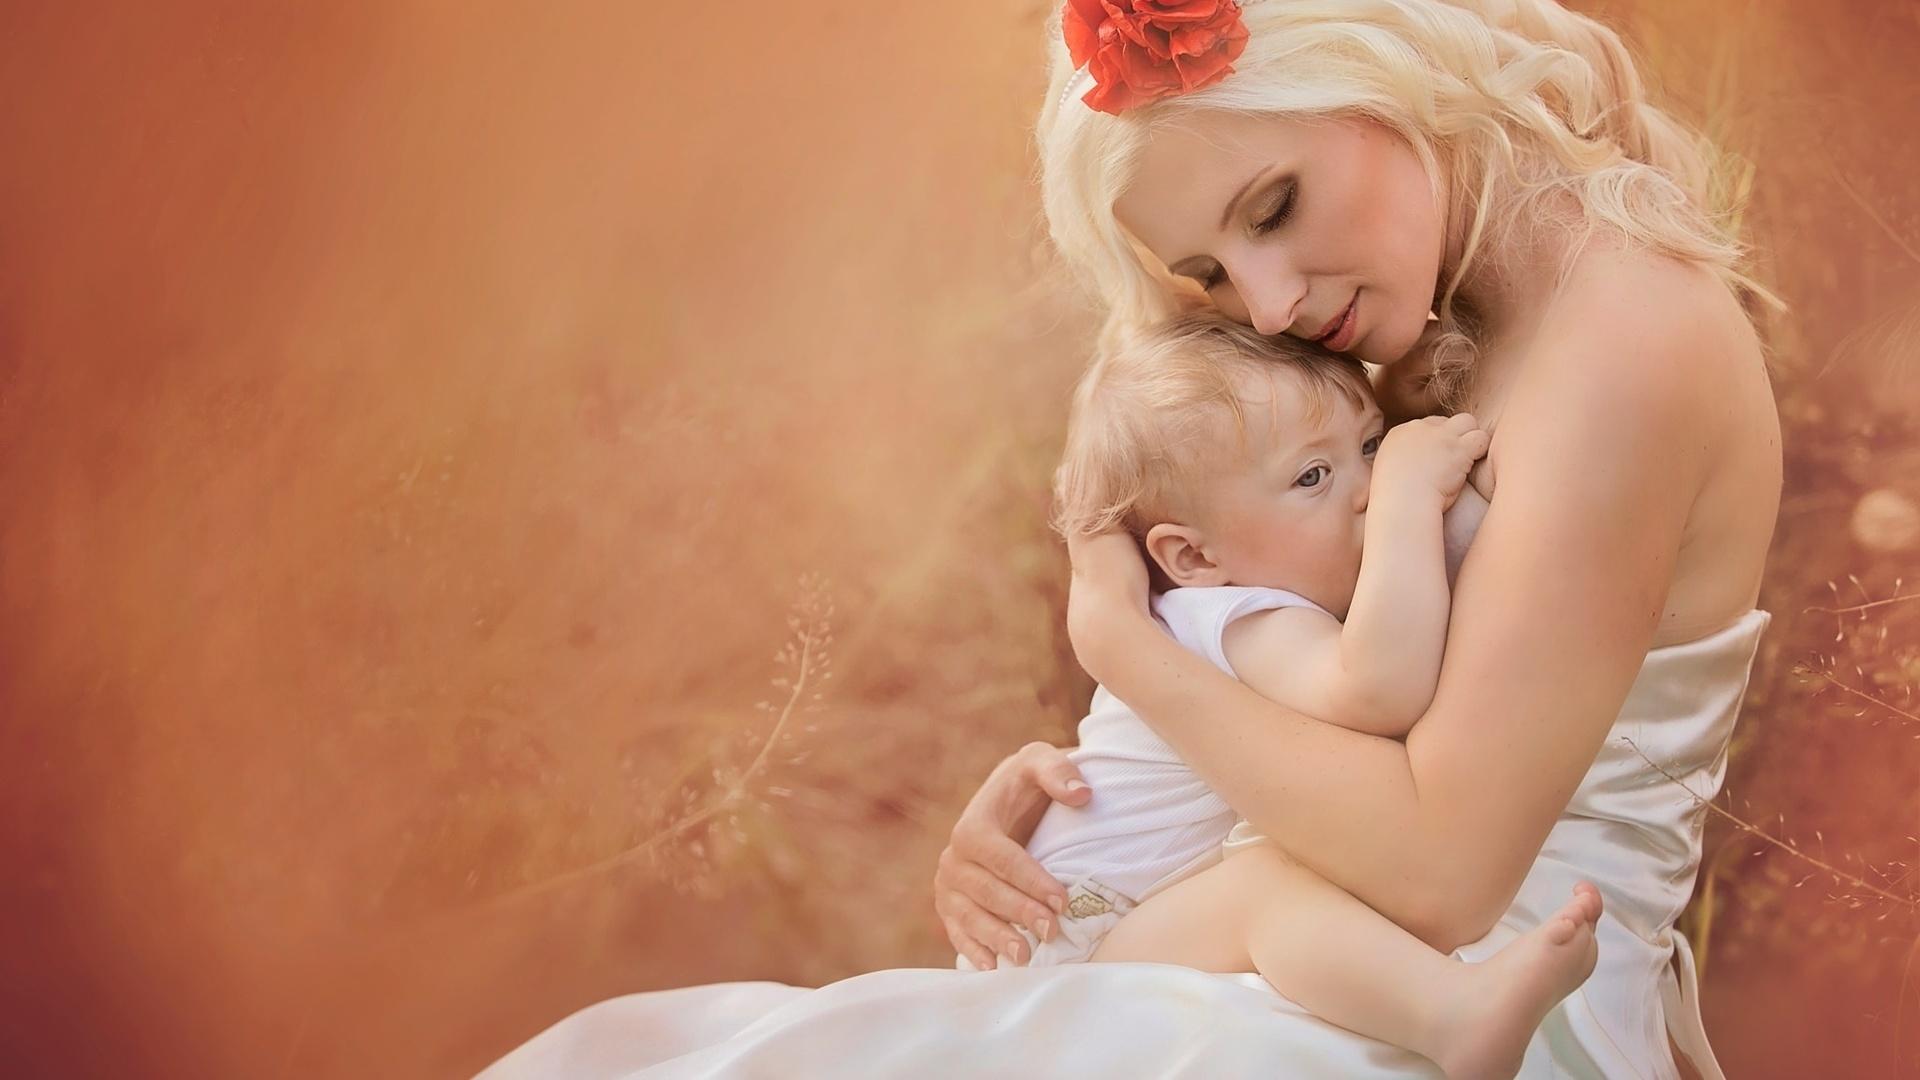 Женщина с ребенком красивые фото